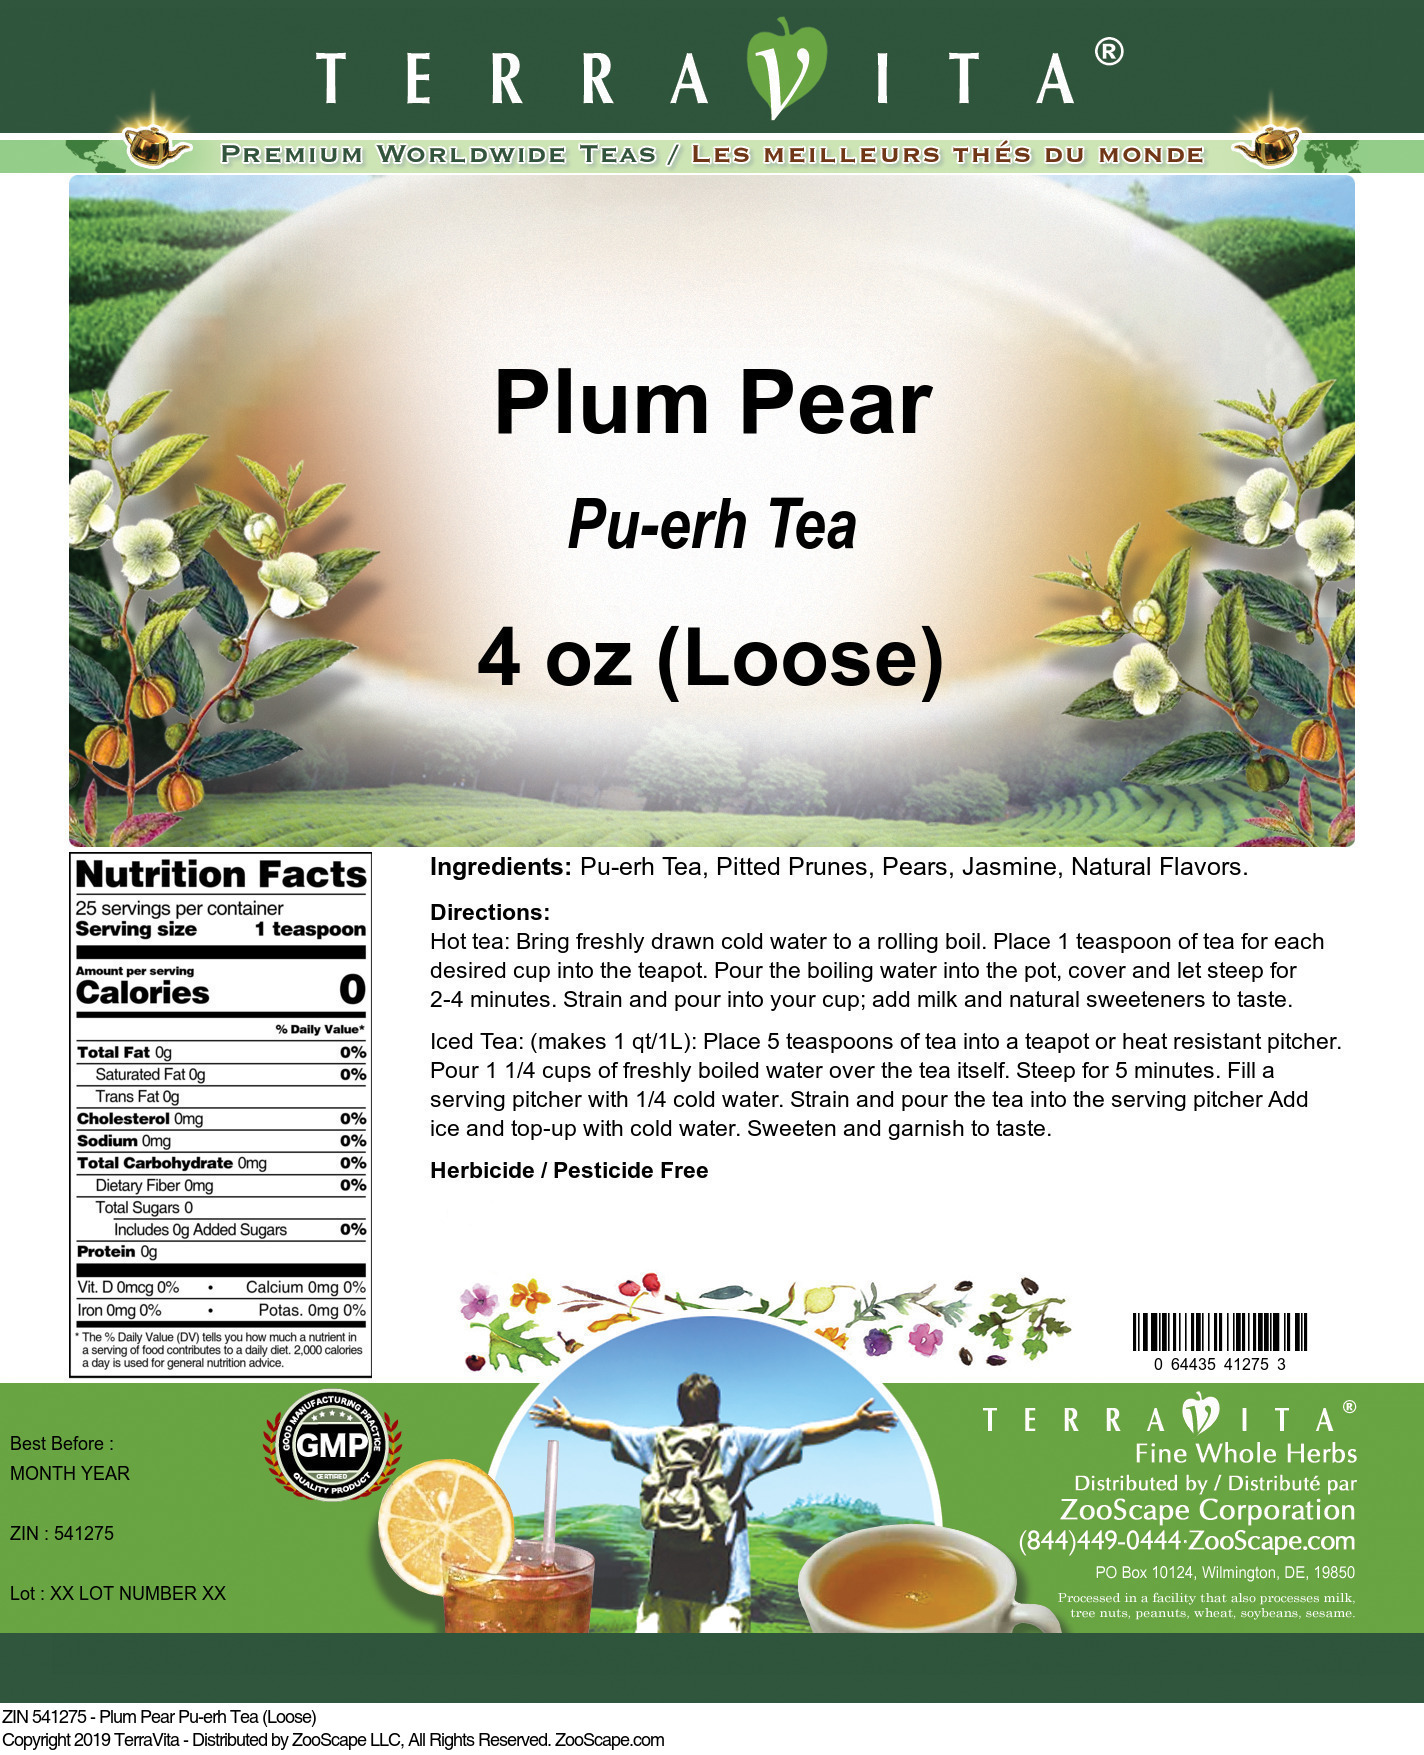 Plum Pear Pu-erh Tea (Loose)